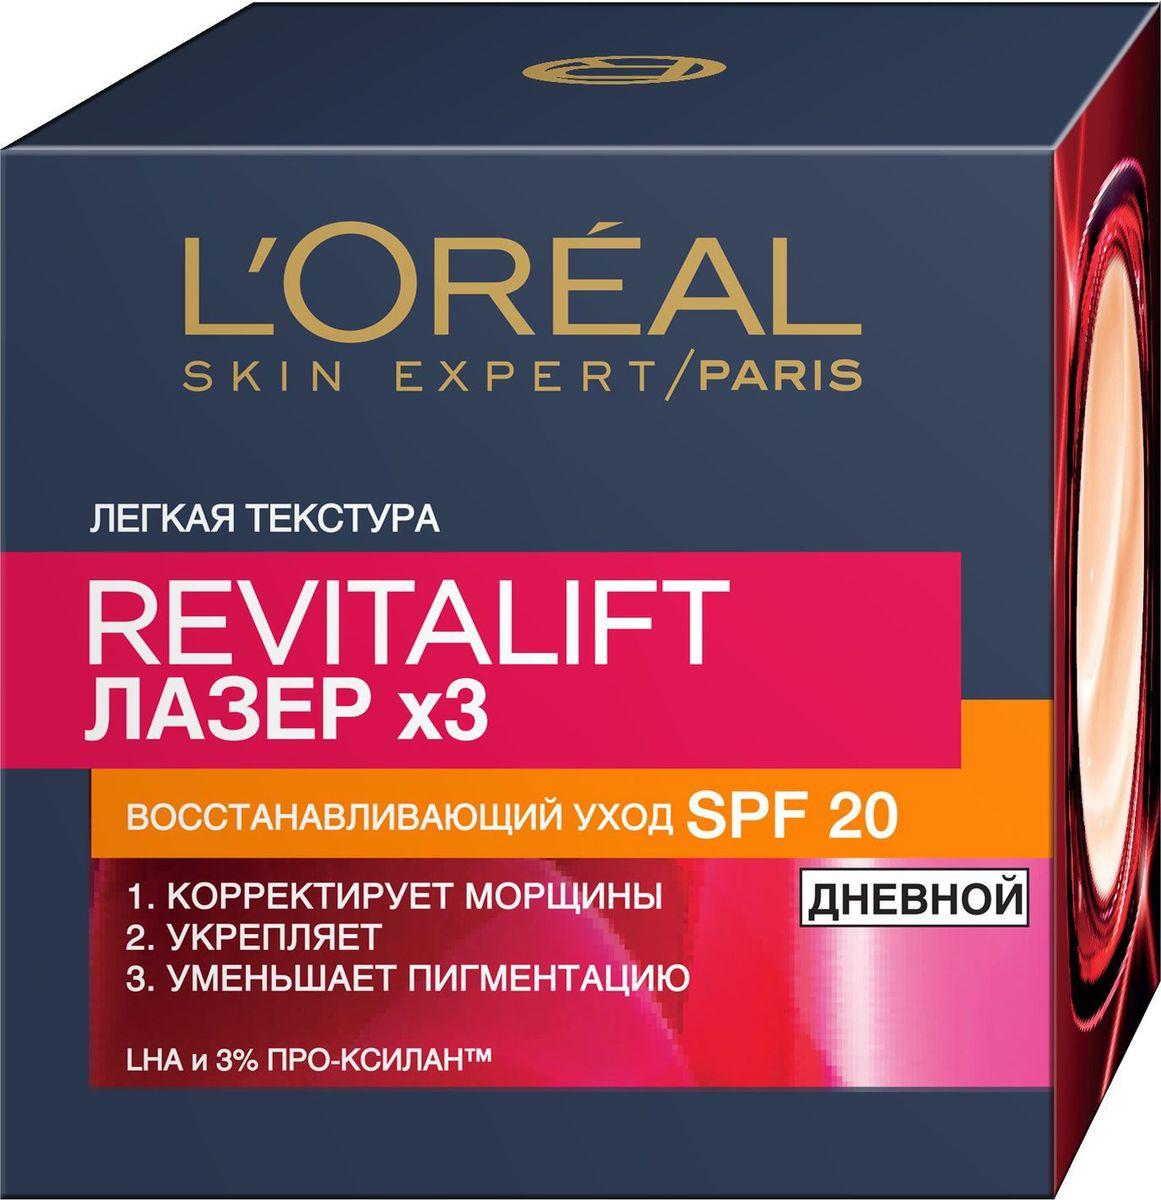 L'Oreal Paris Дневной антивозрастной крем для лица  Ревиталифт Лазер  против морщин, восстанавливающий, SPF 20, 50 мл - Косметика по уходу за кожей